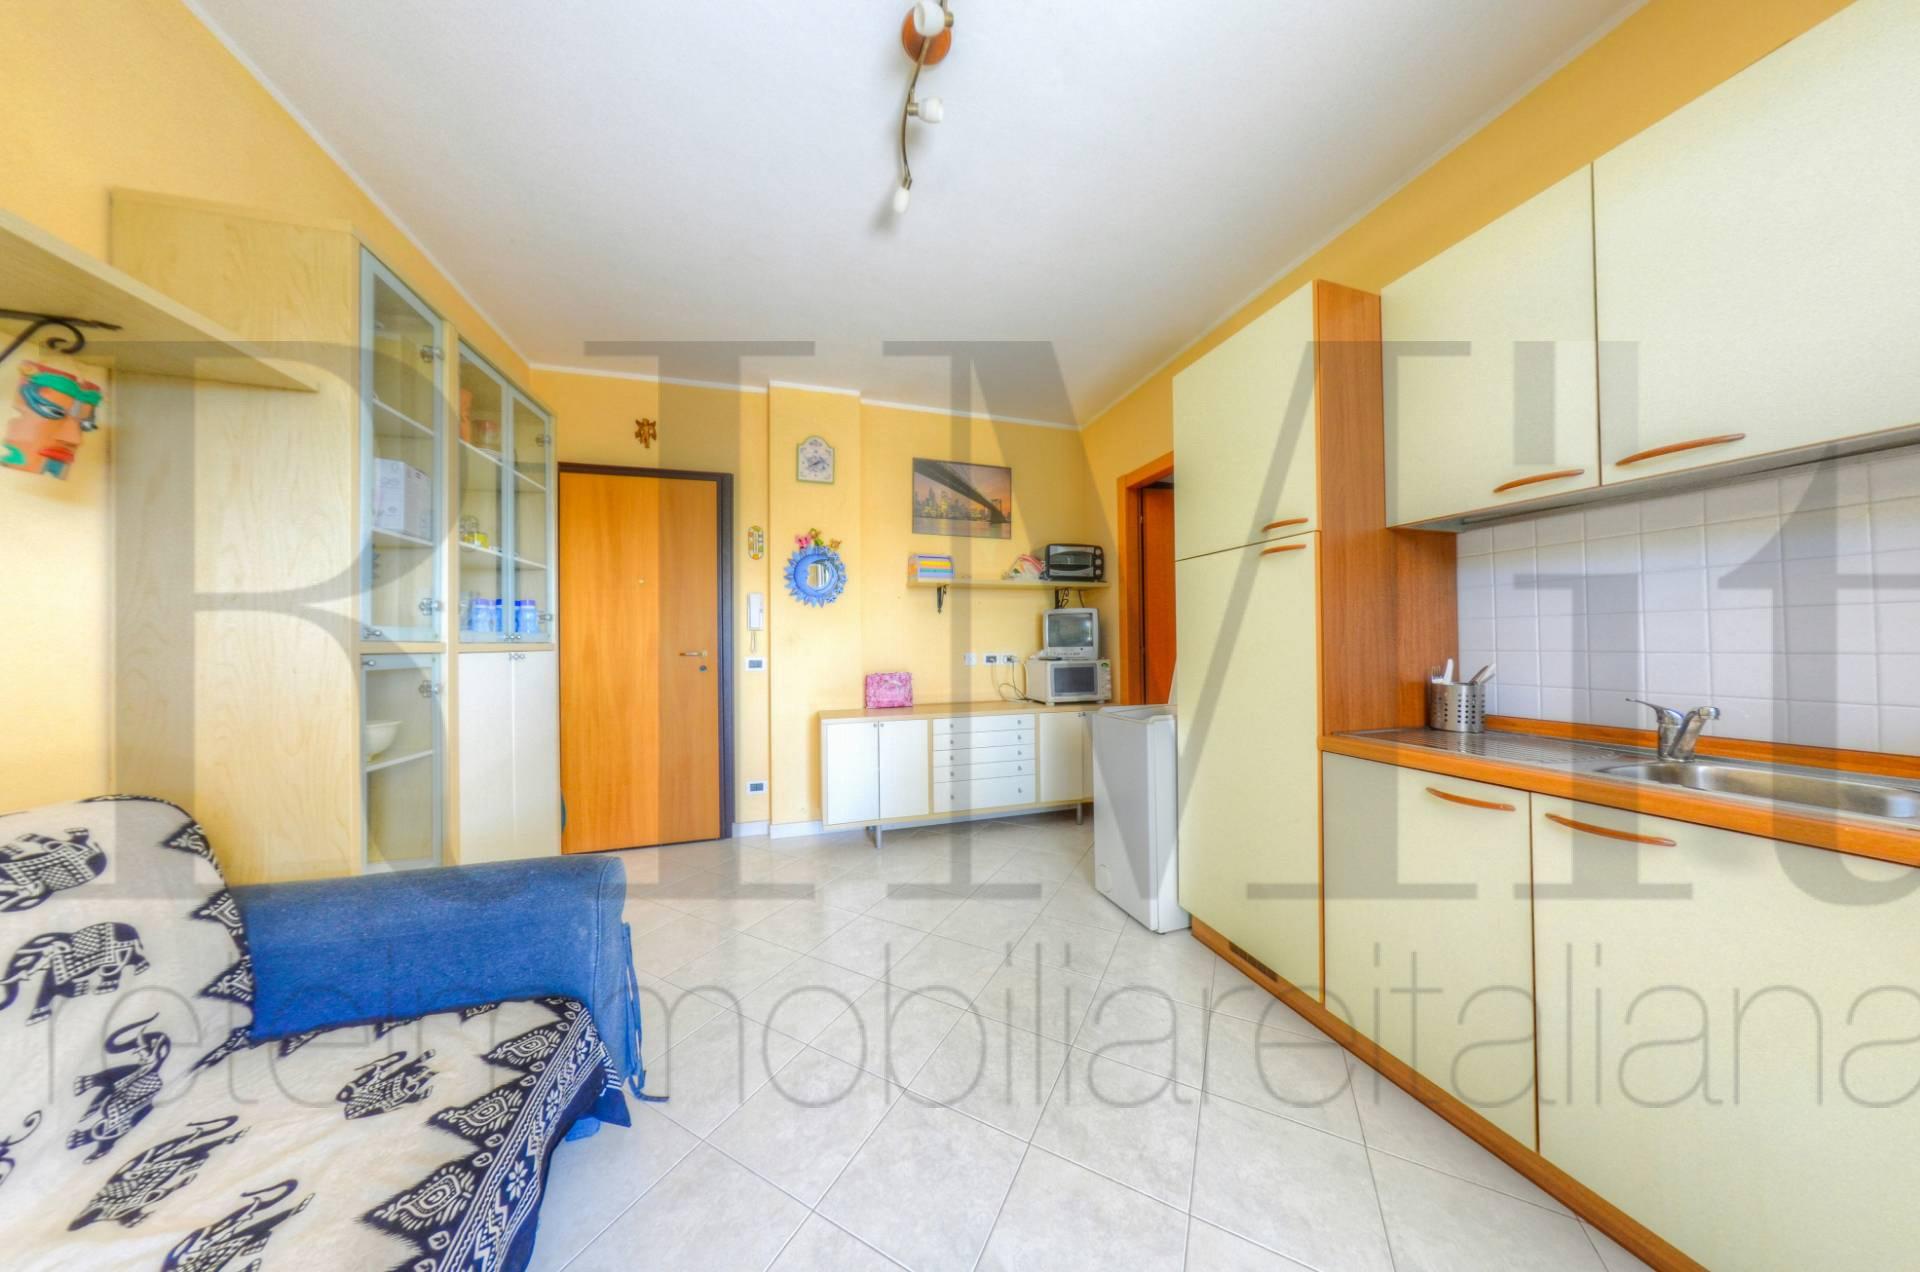 Appartamento in vendita a Loano, 2 locali, prezzo € 142.000 | CambioCasa.it